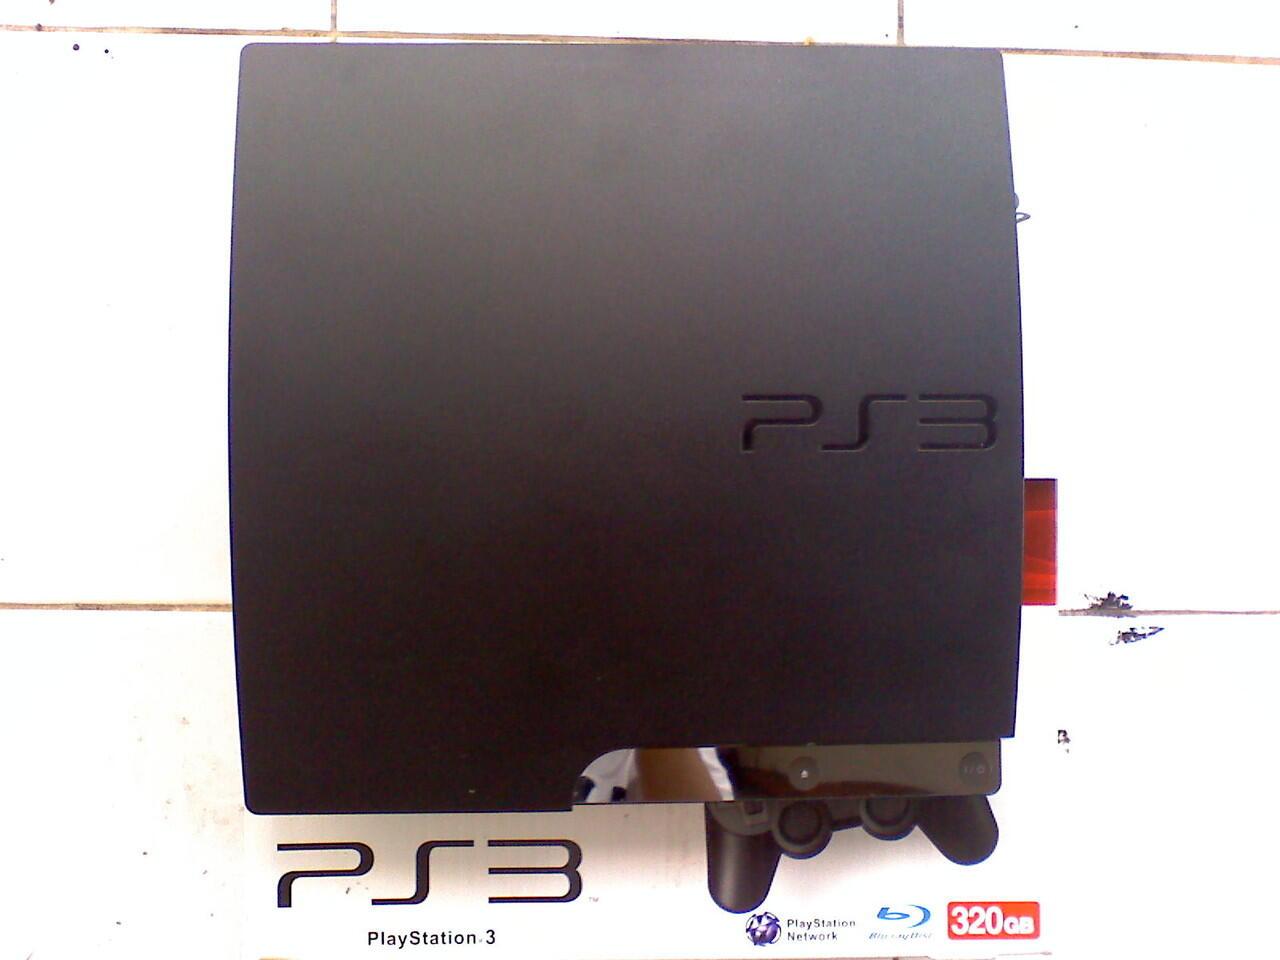 Terjual Jual Santai PS3 SLIM 320GB CFW 355 Hardisk